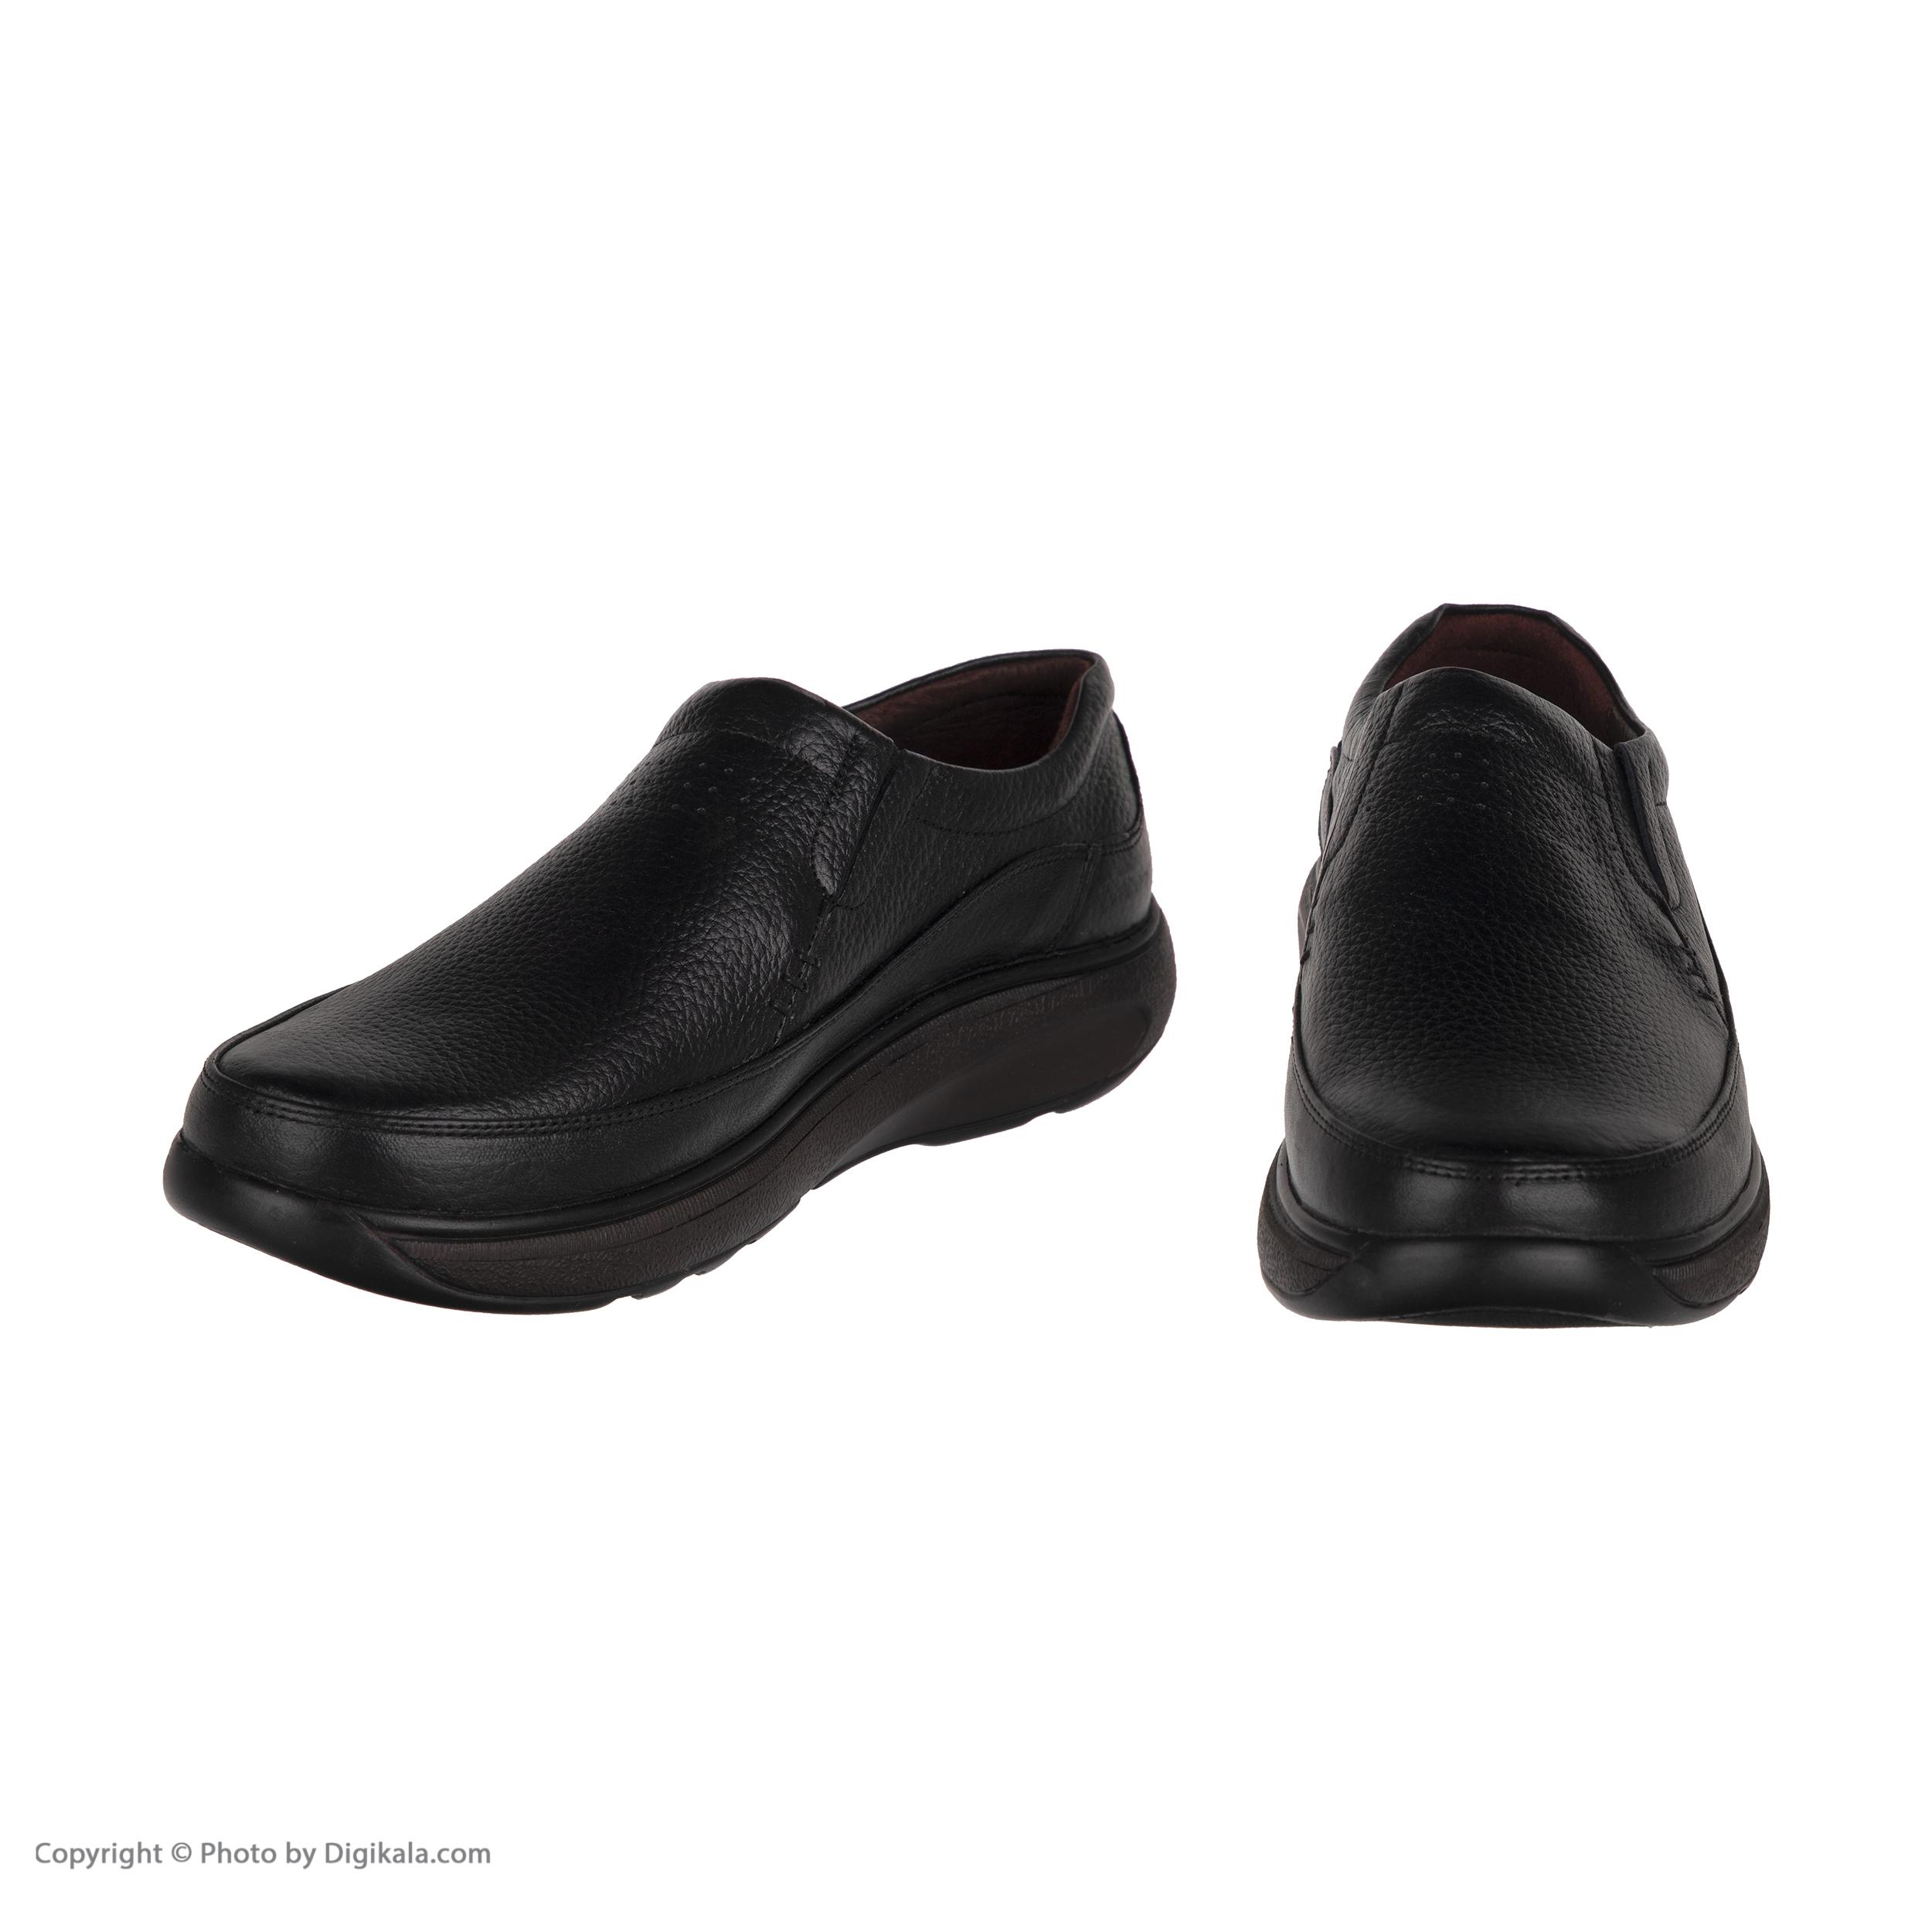 کفش روزمره مردانه سوته مدل 4931D503101 -  - 7